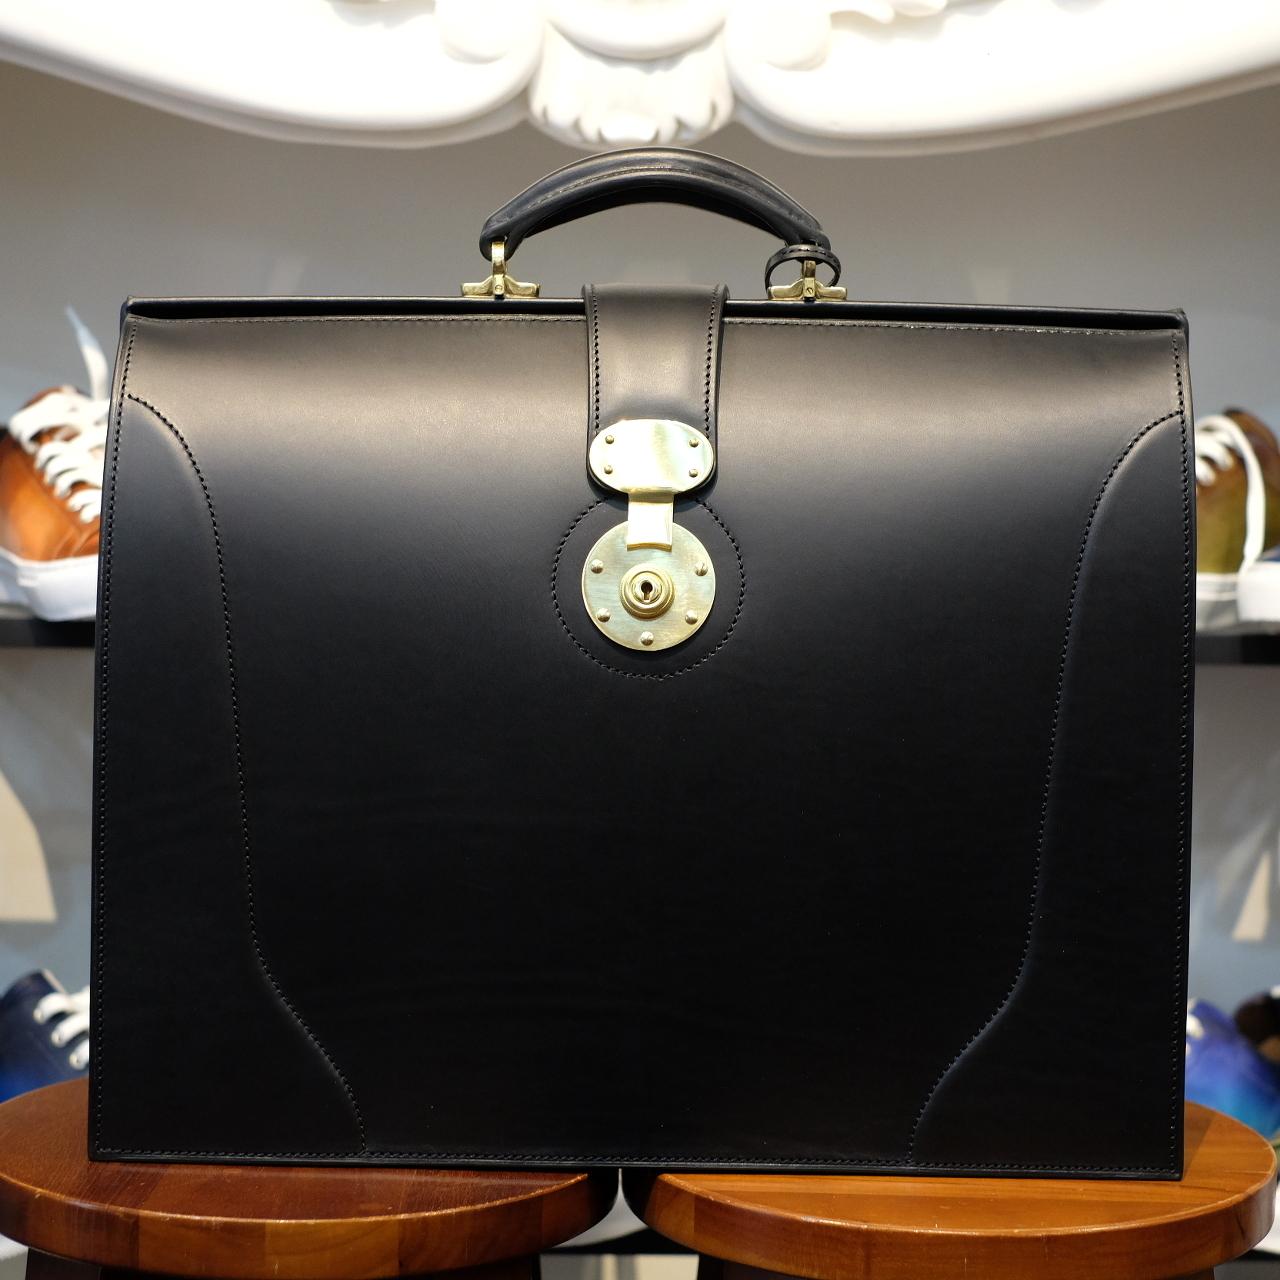 ル・ボナー 太マチダレスバッグ(3マチダレス)クラシック真鍮無垢錠前 ブラック